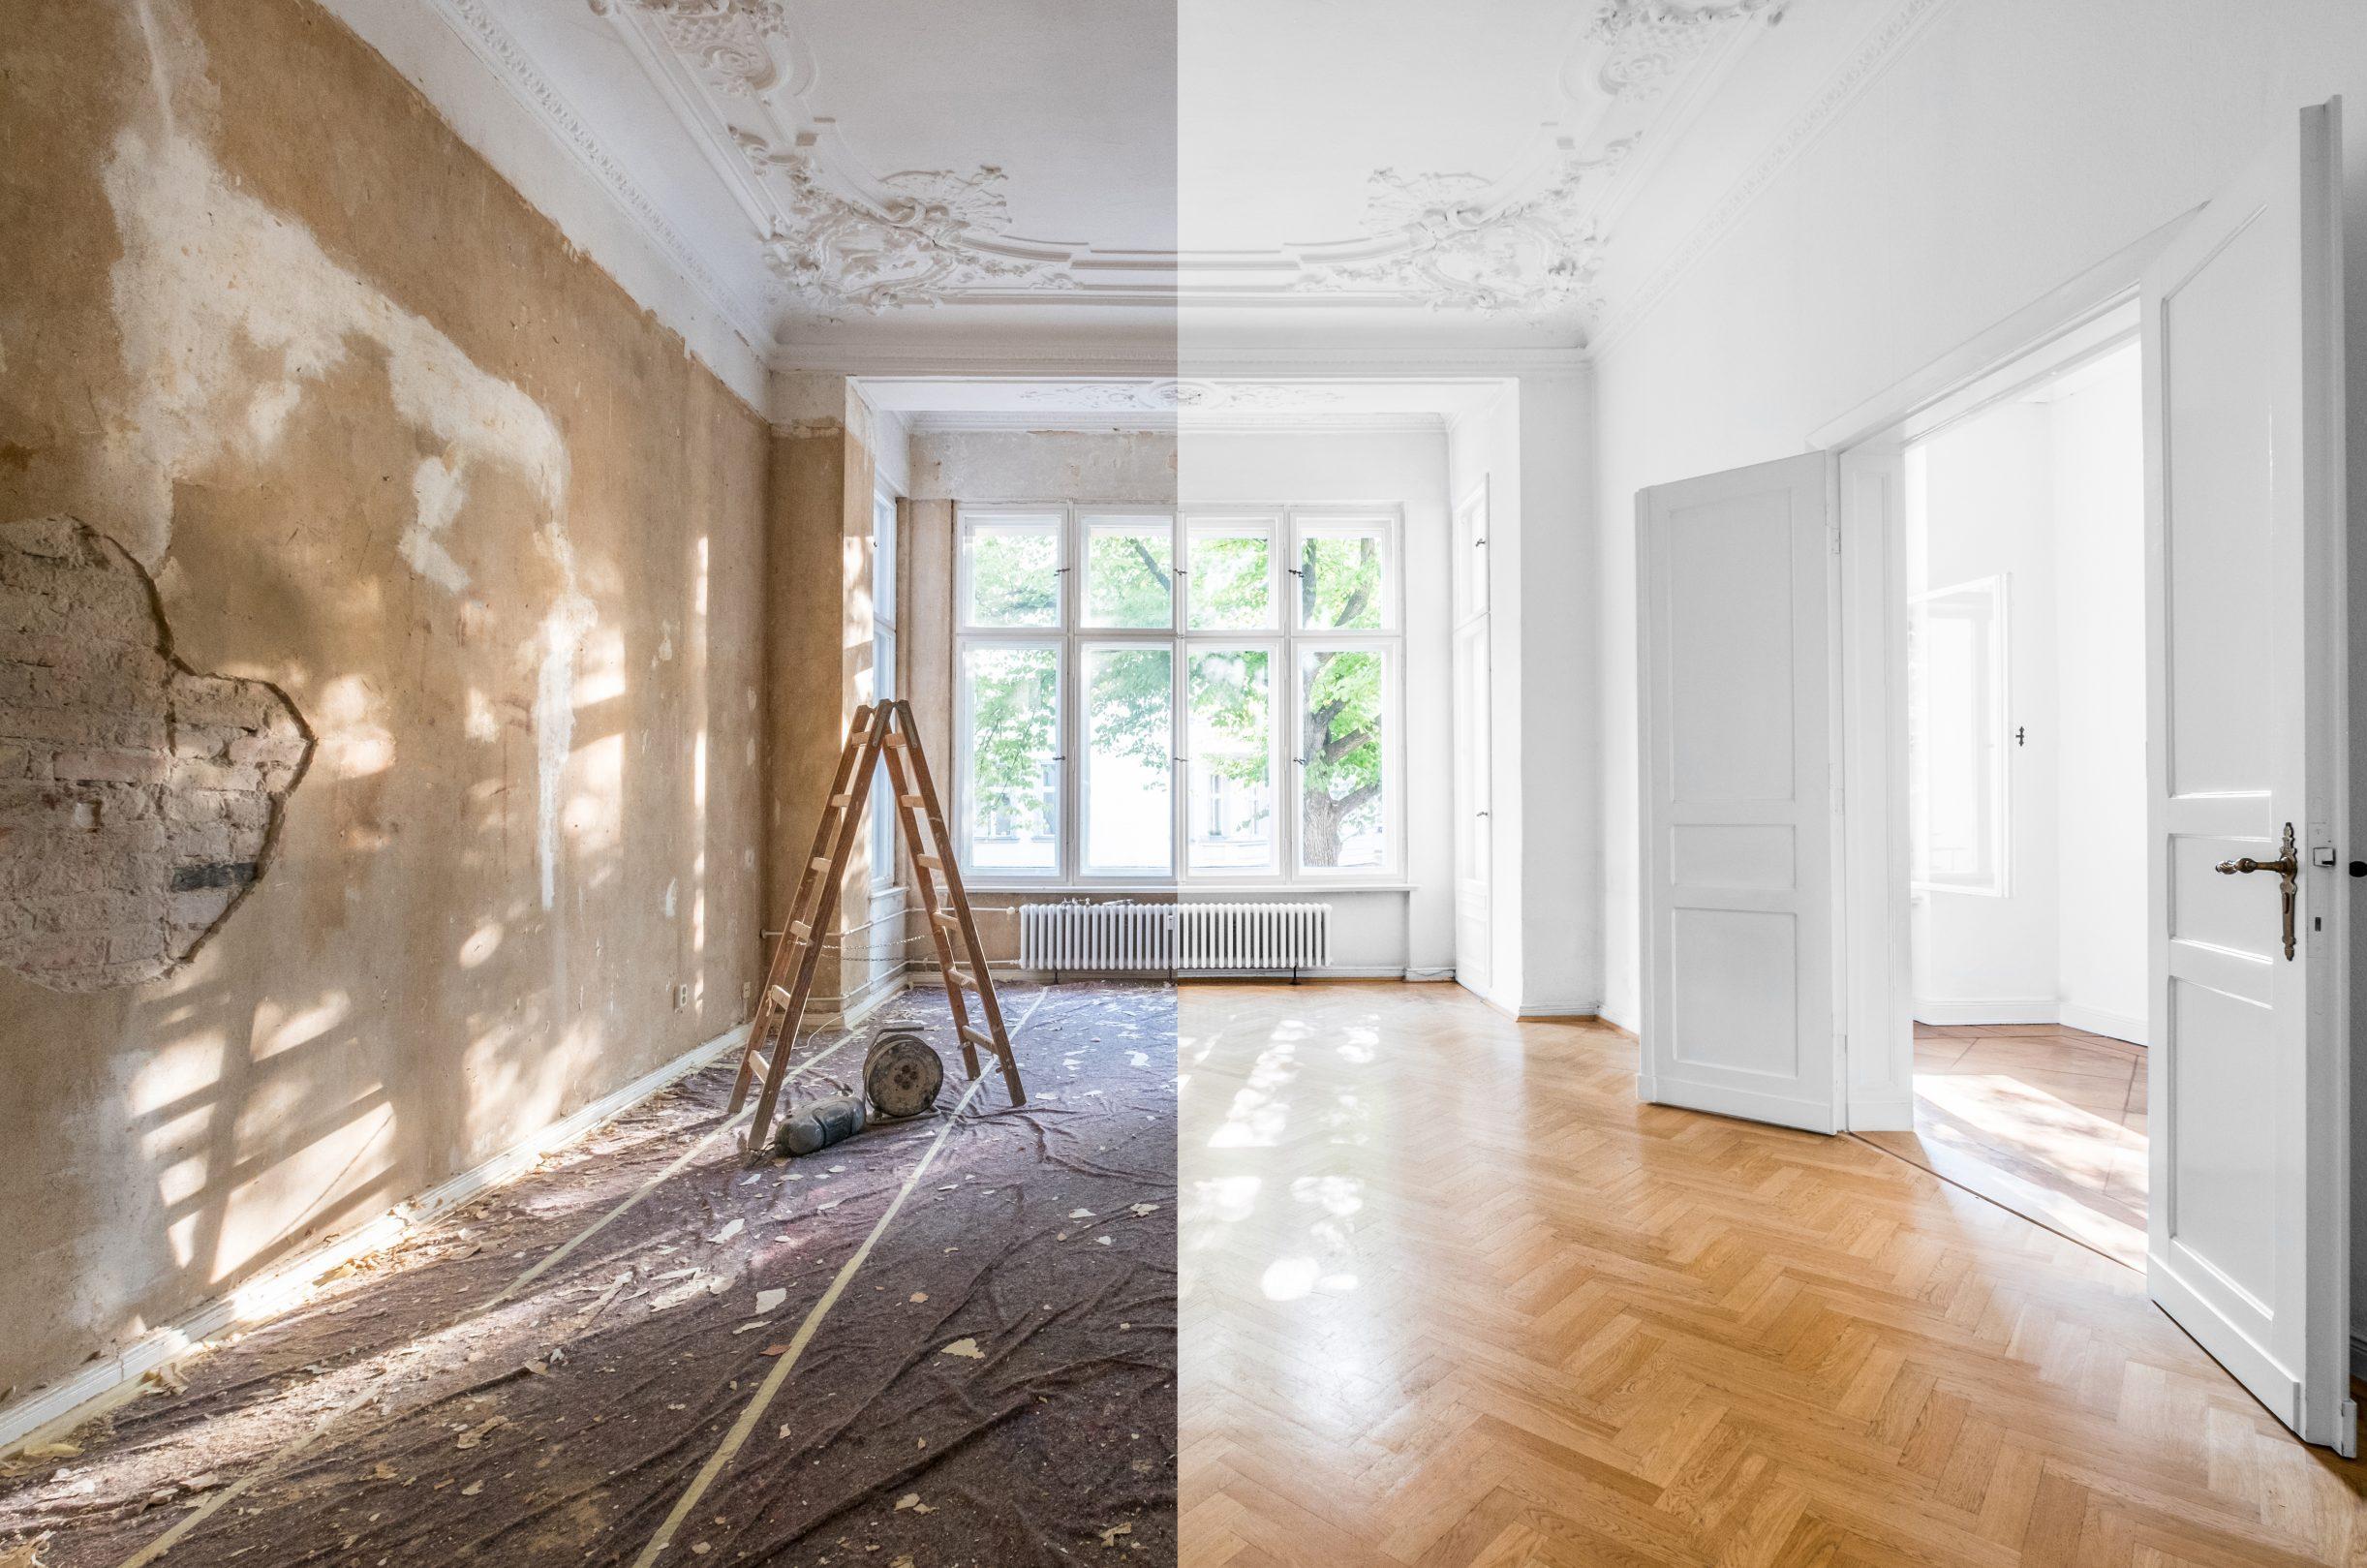 Kauf und Renovierung